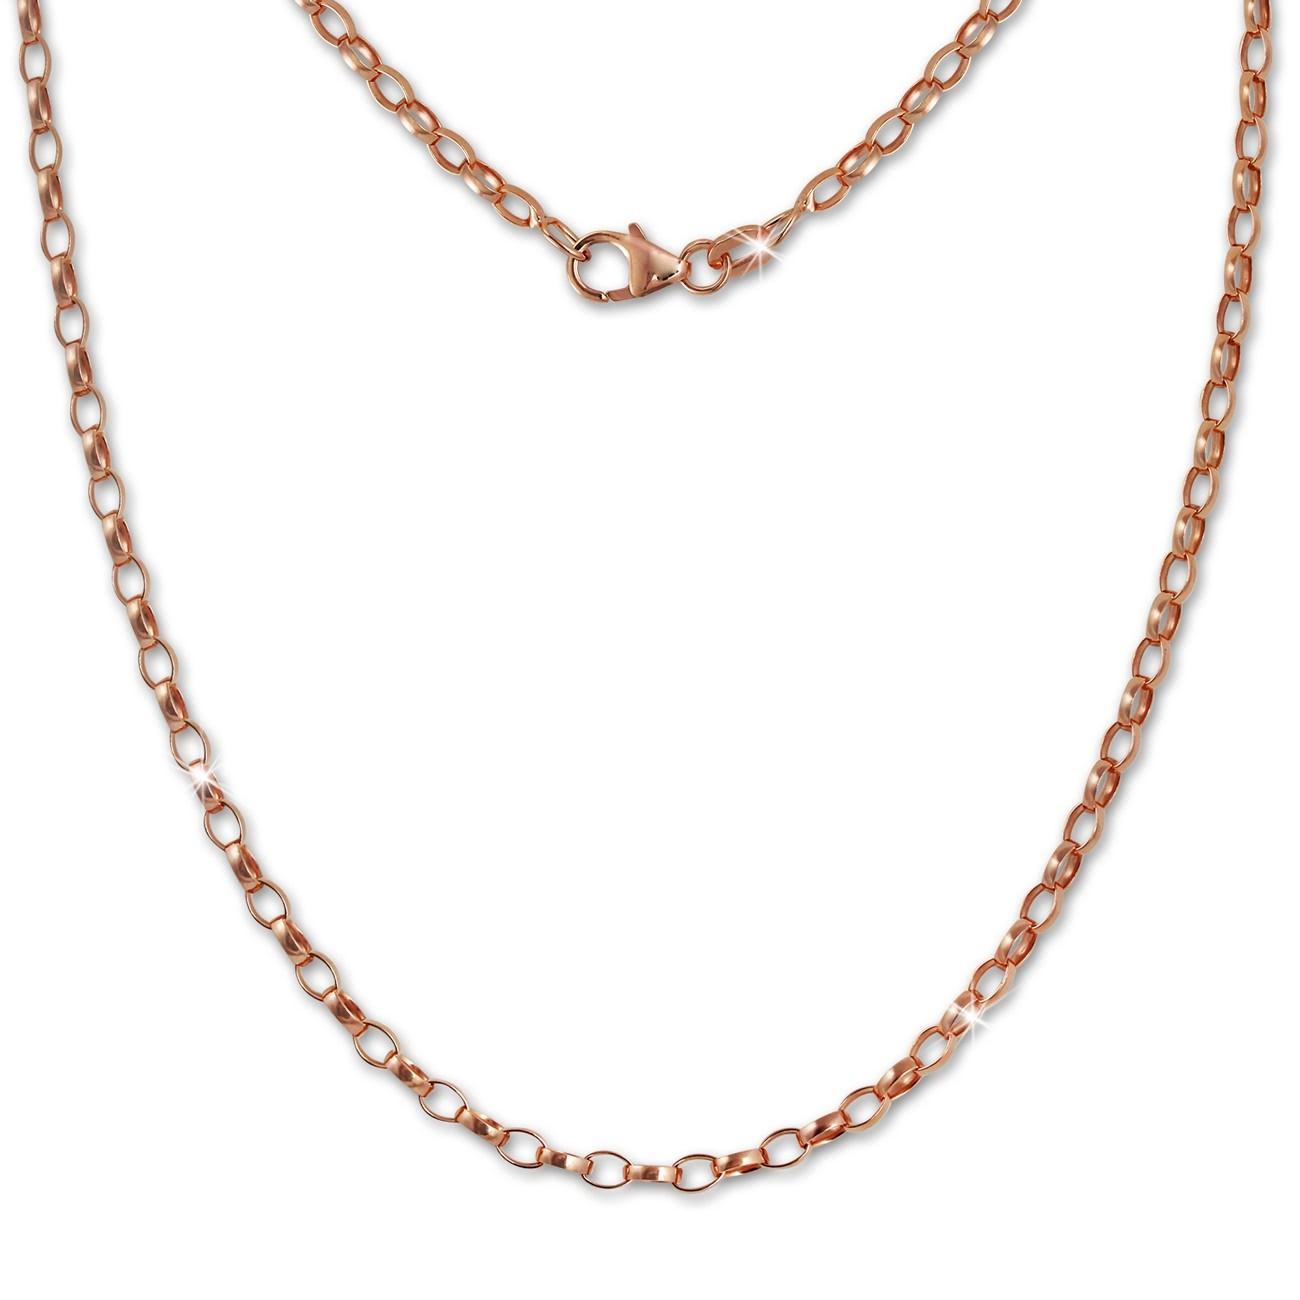 SilberDream Erbskette oval rose 925 Silber Damen Halskette 70cm Kette SDK26070E